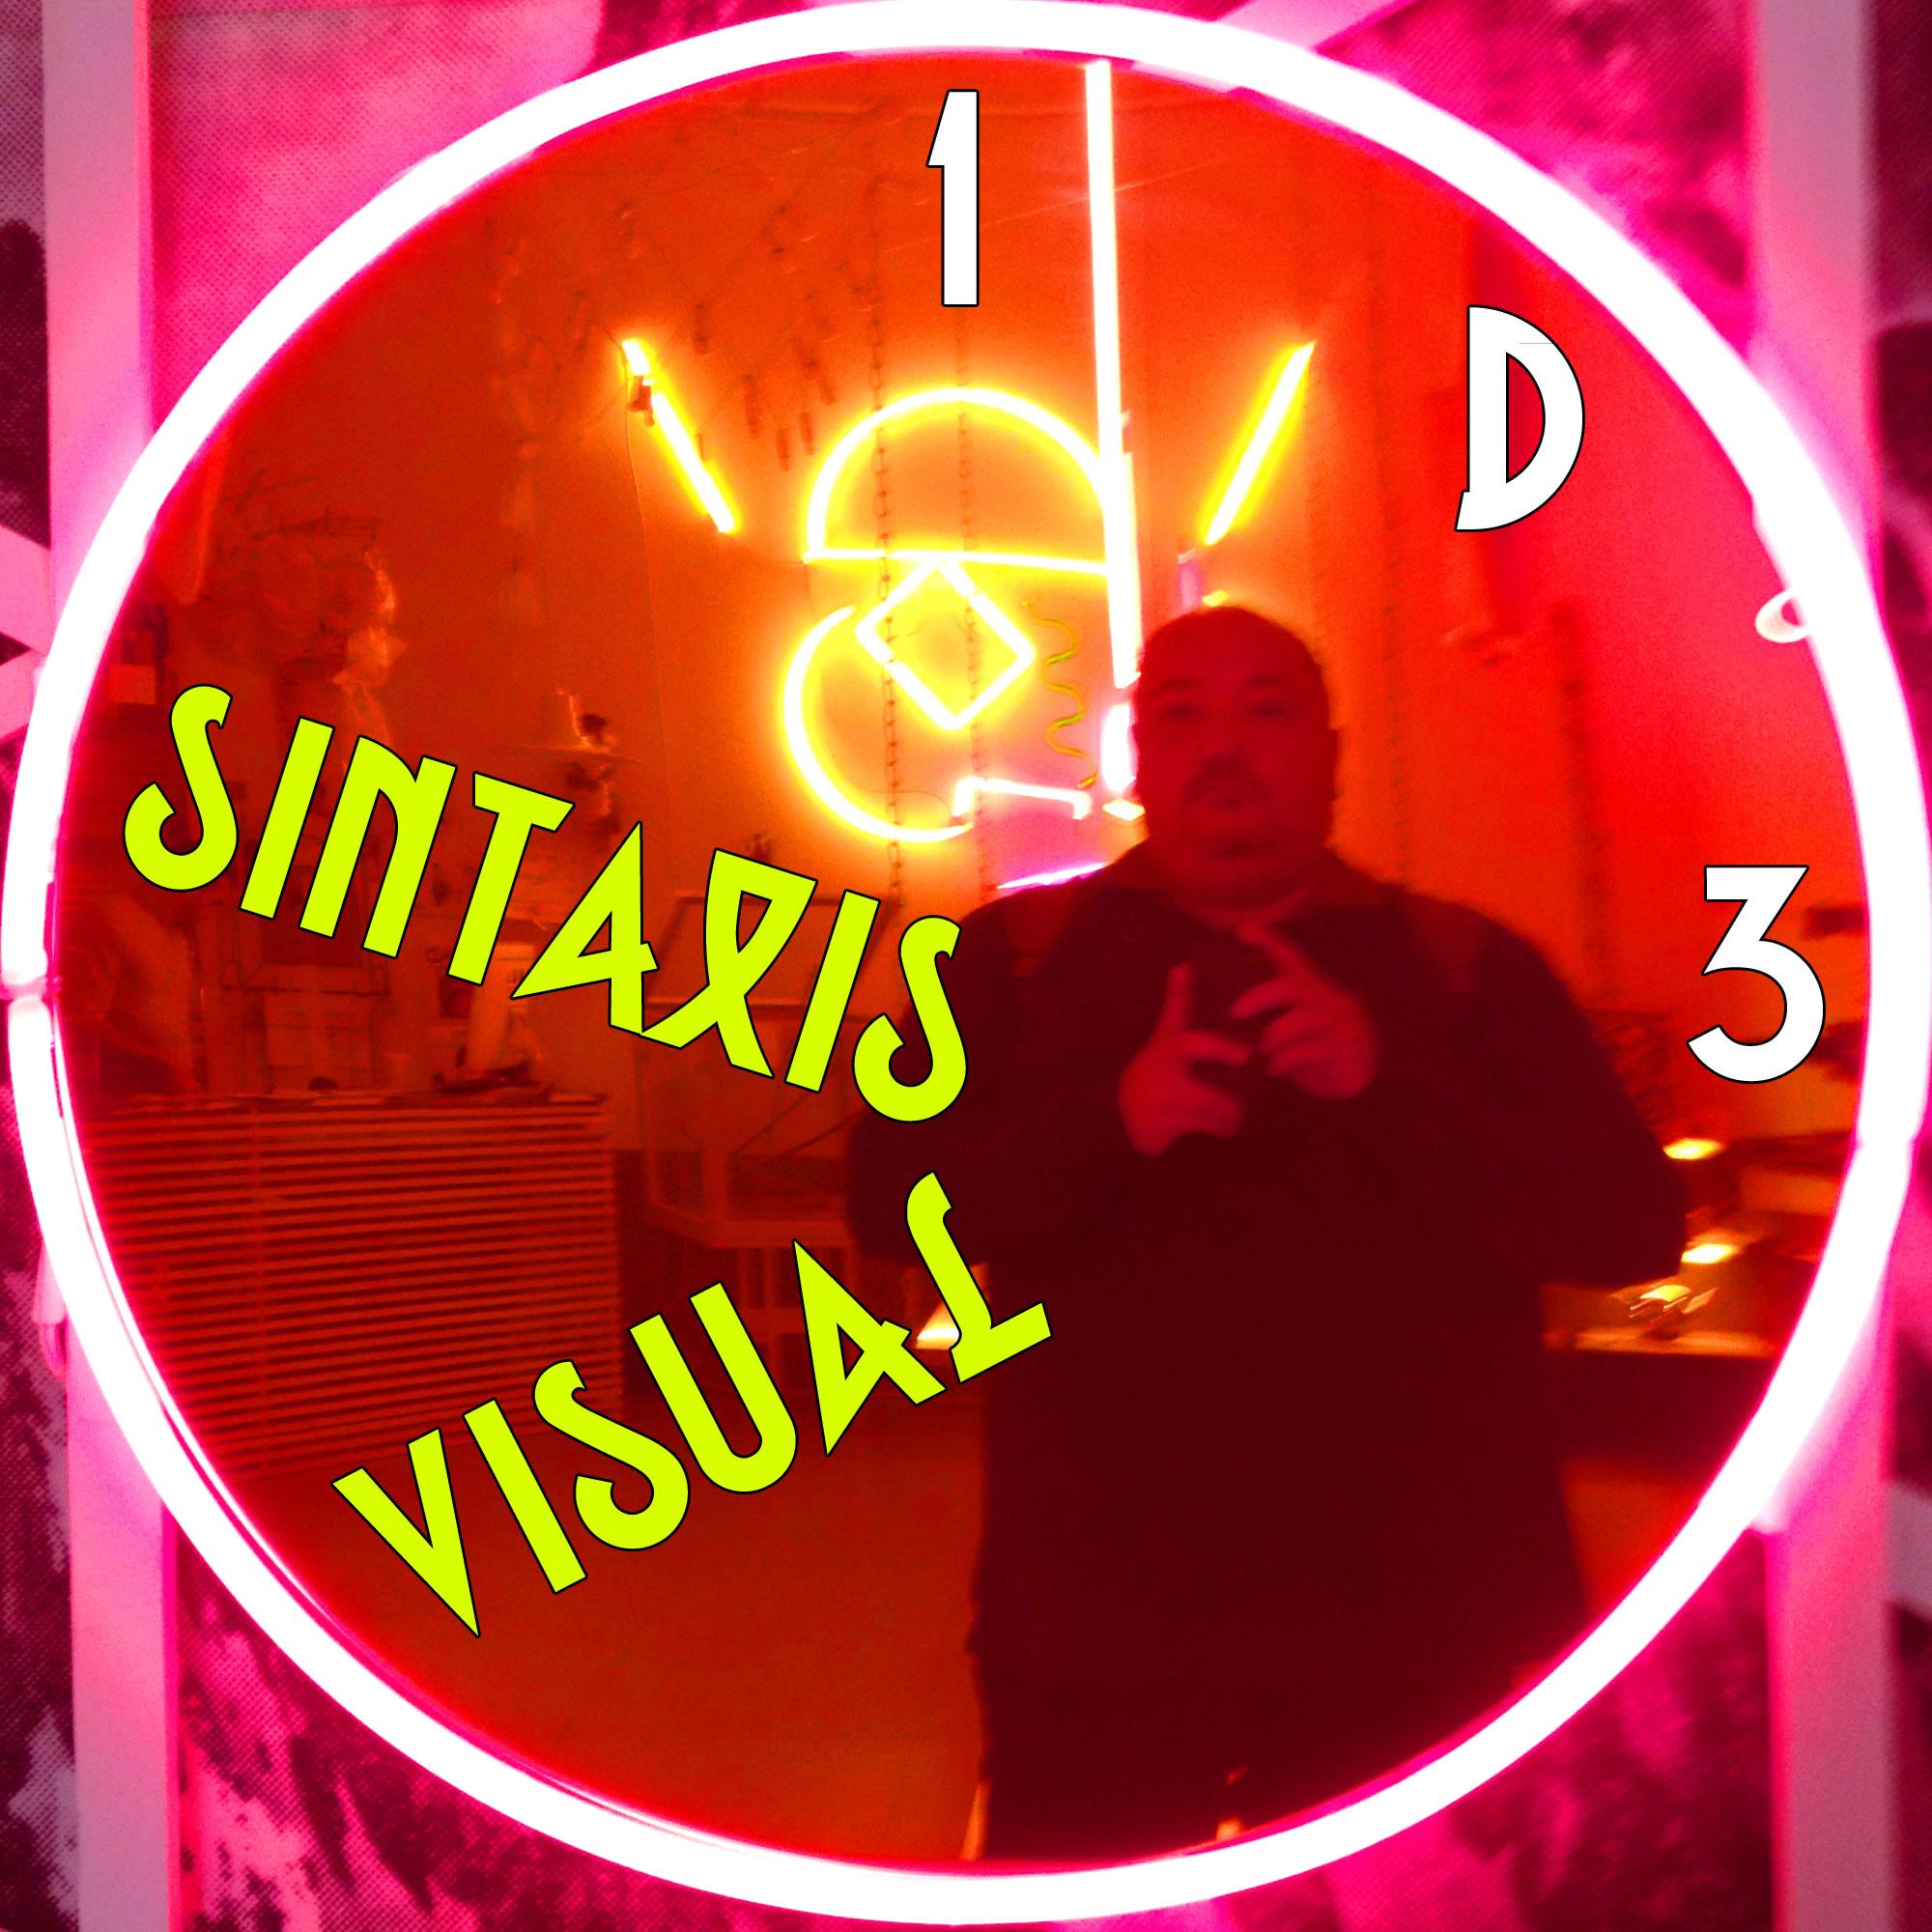 Lenguaje y sintaxis visual. Fundamentos de la Comunicación Visual. Parte 1 de 3